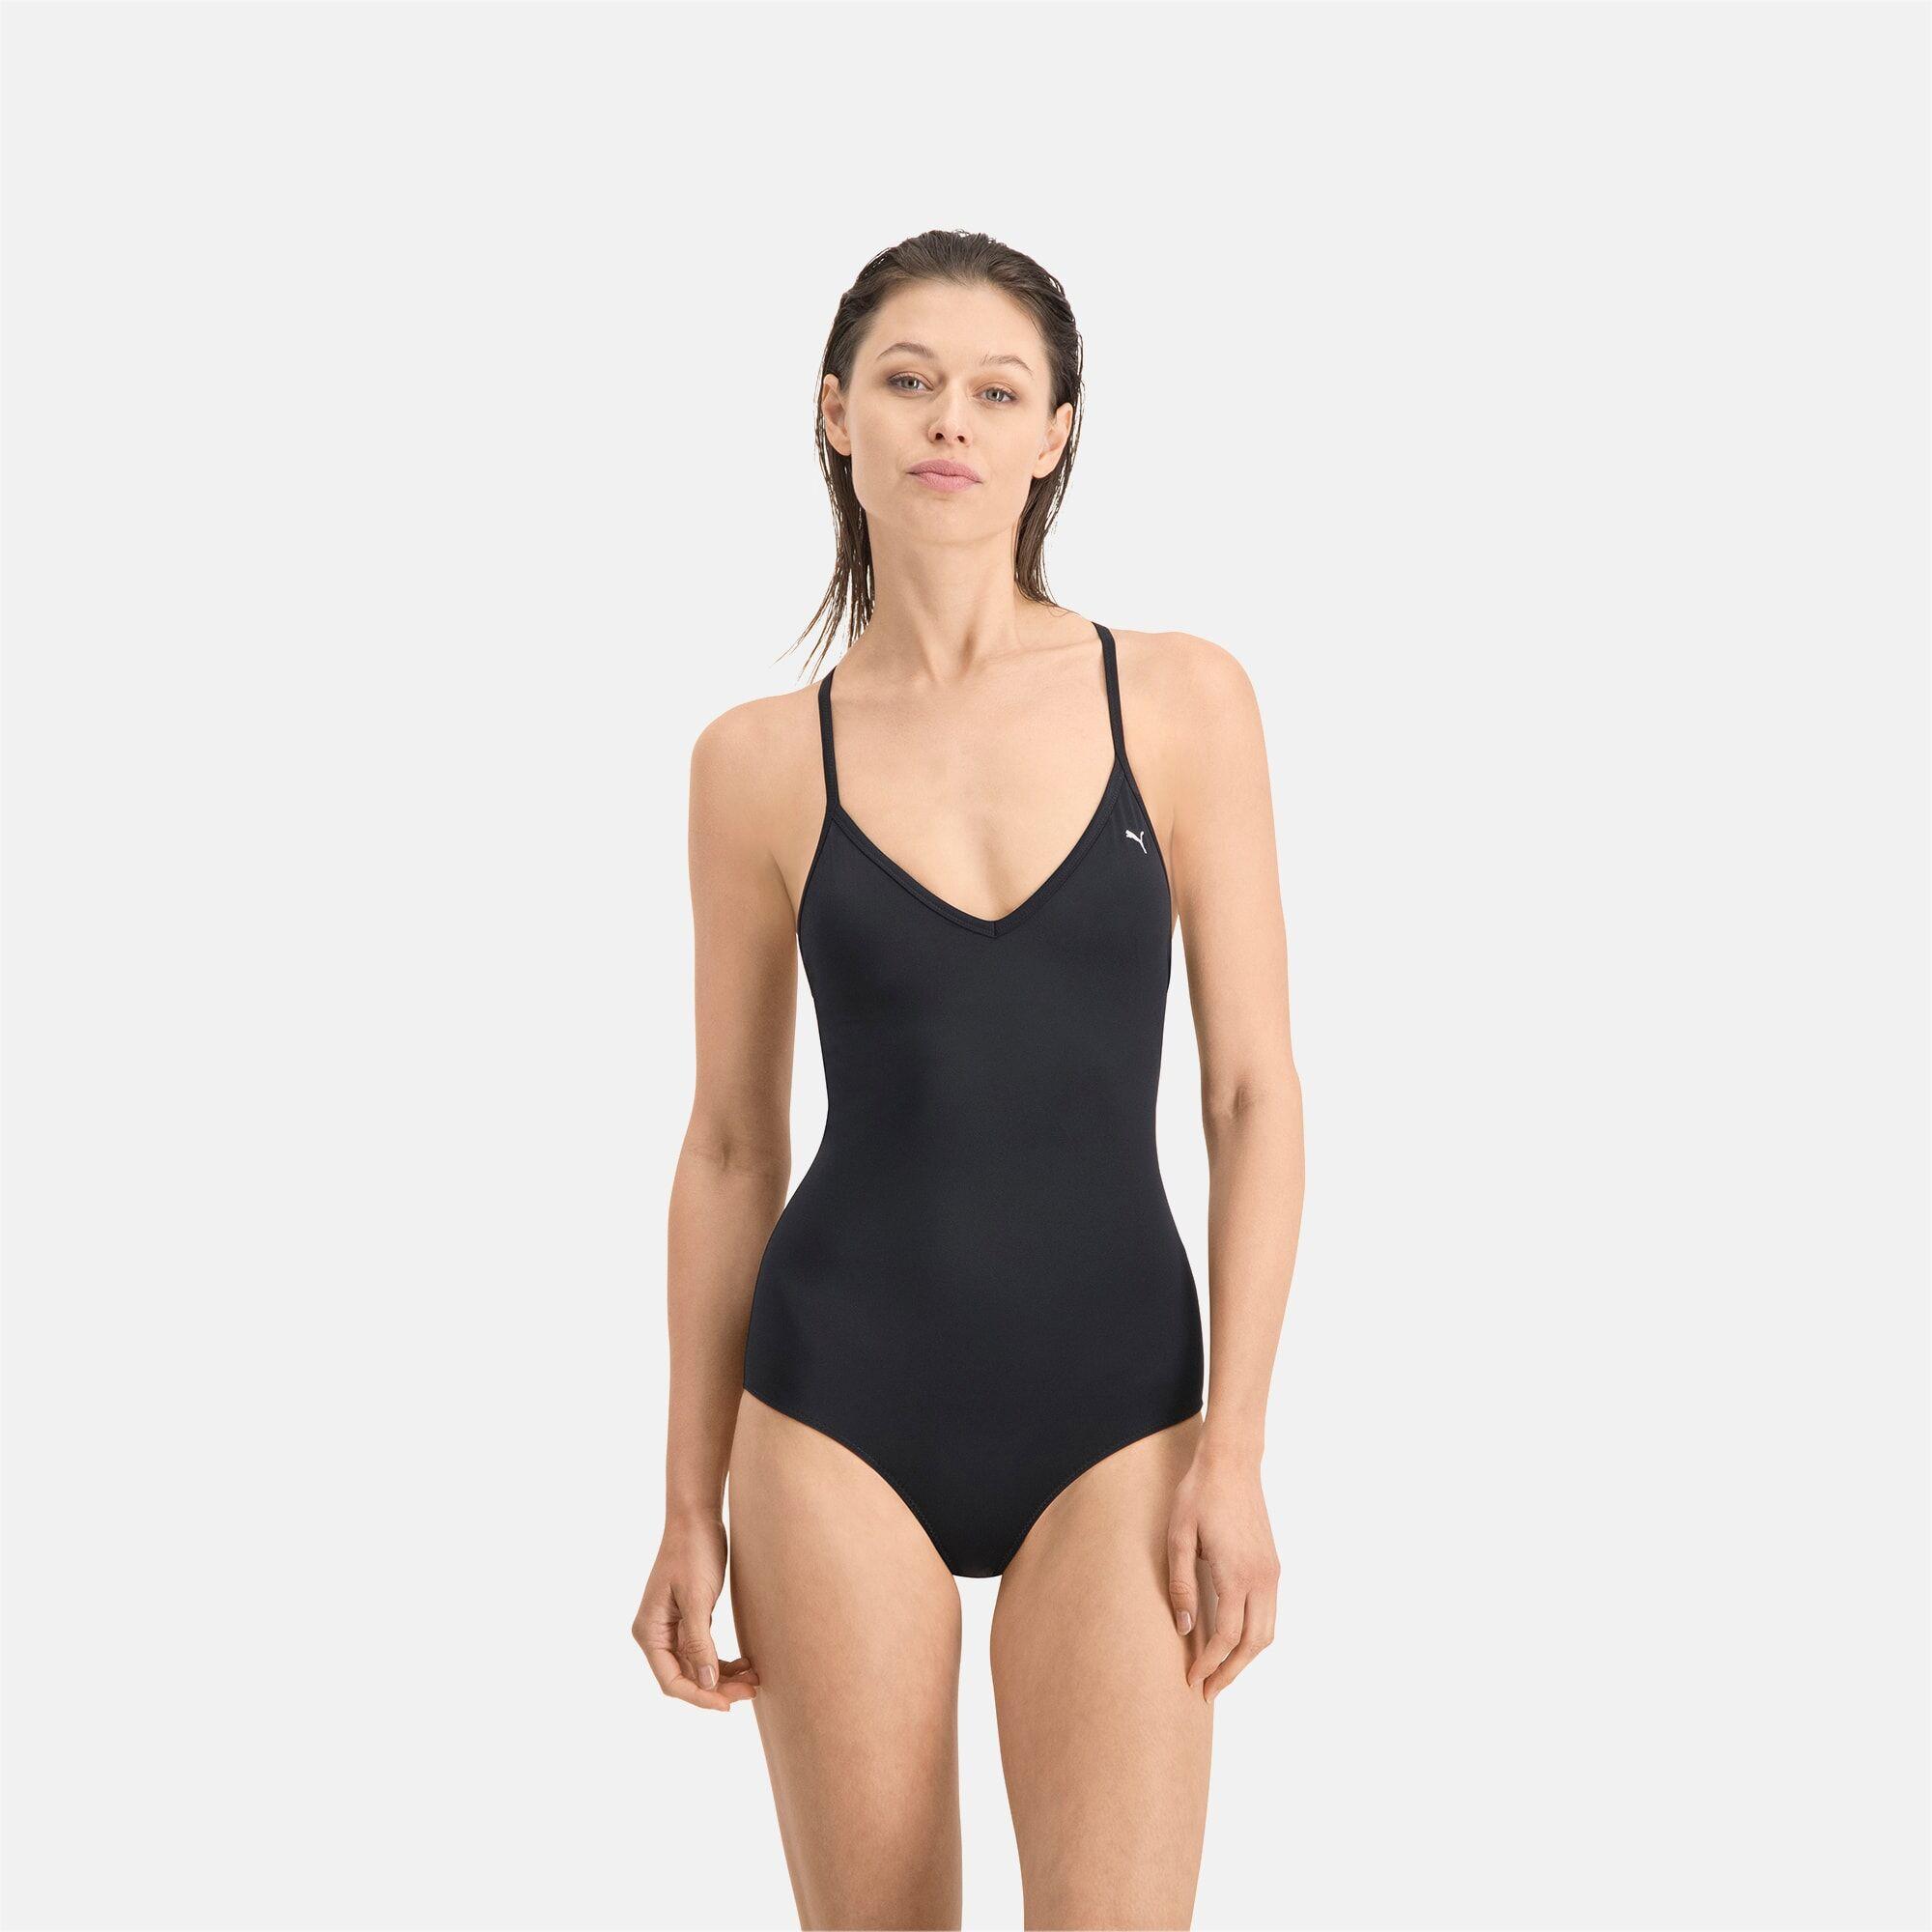 PUMA Maillot de bain PUMA Swim V-Neck Crossback pour Femme, Noir, Taille M, Vêtements